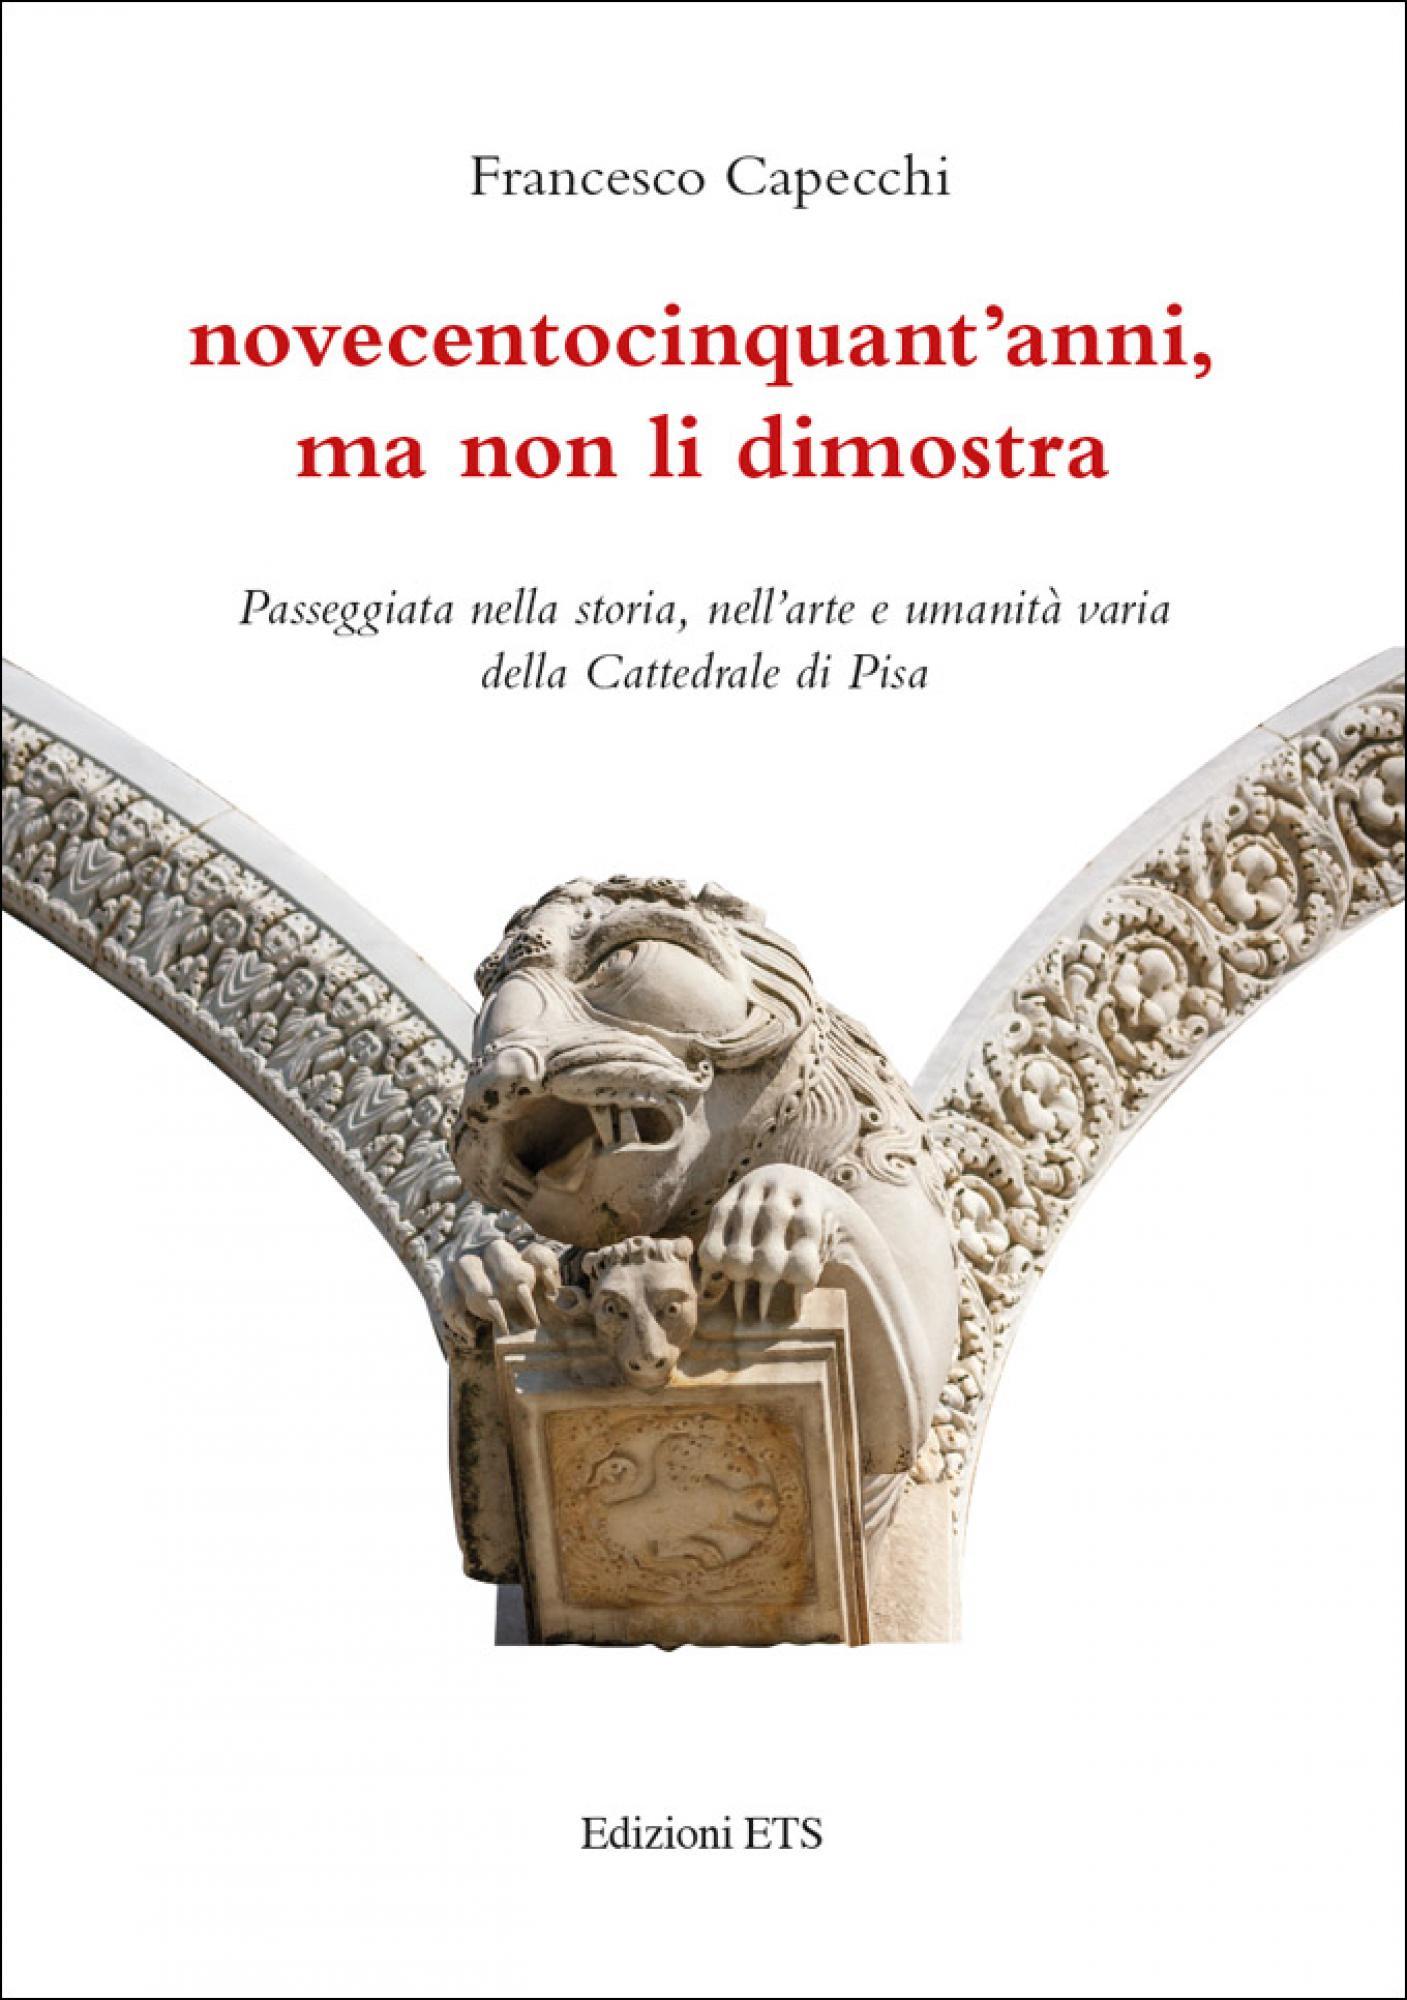 Novecentocinquant'anni, ma non li dimostra.Passeggiata nella storia, nell'arte e umanità varia della Cattedrale di Pisa